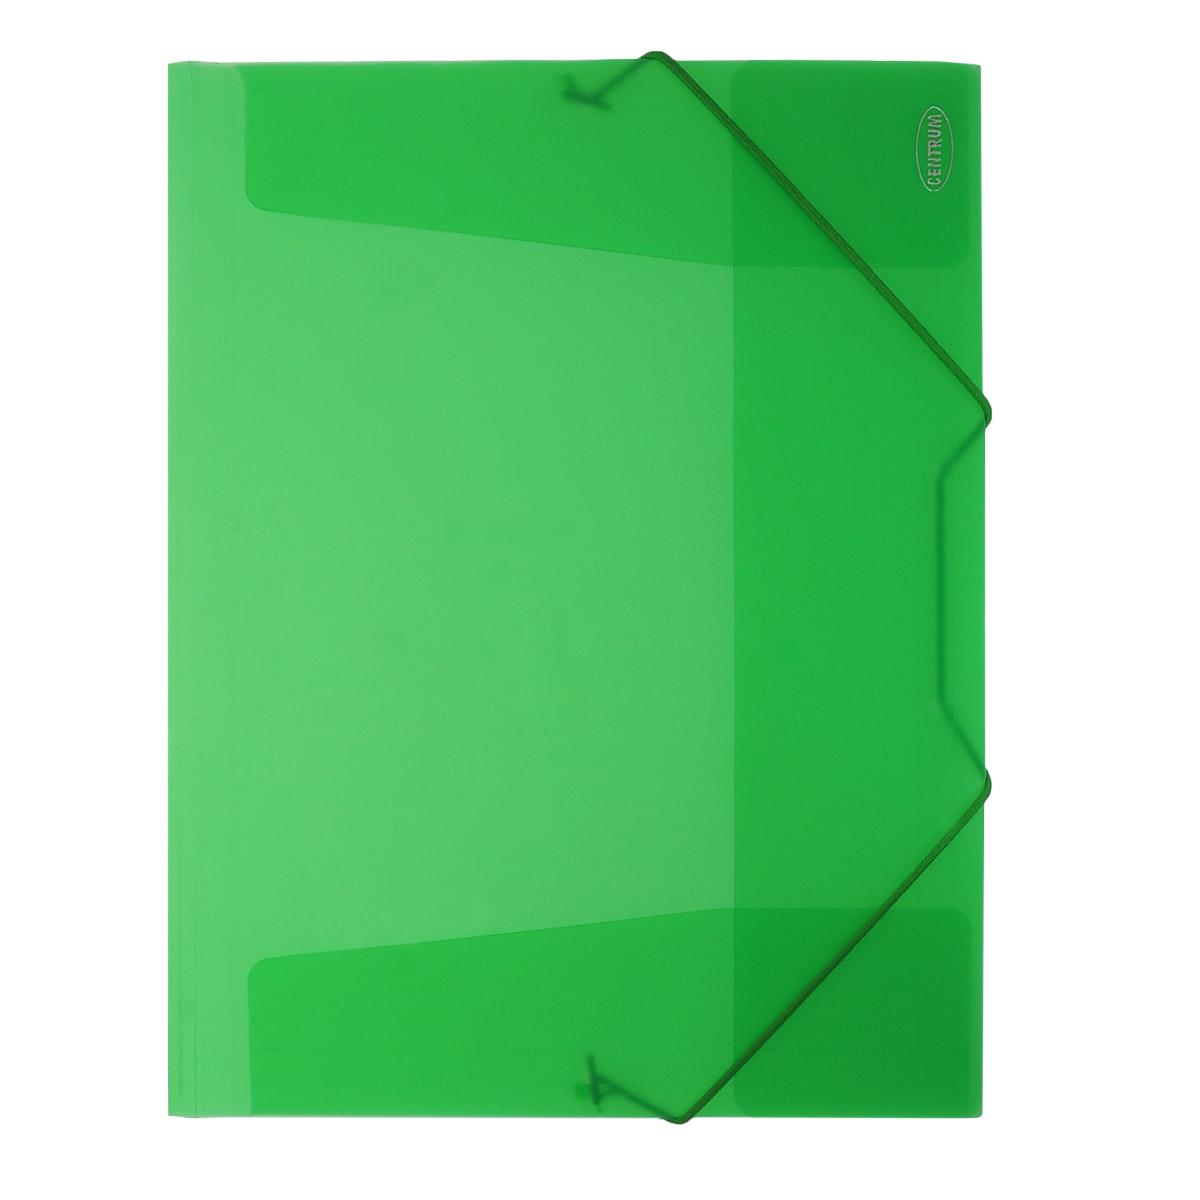 Папка на резинке Centrum пластиковая, формат А4, цвет: зеленый. 80016 папки канцелярские centrum папка регистр а4 5 см фиолетовая